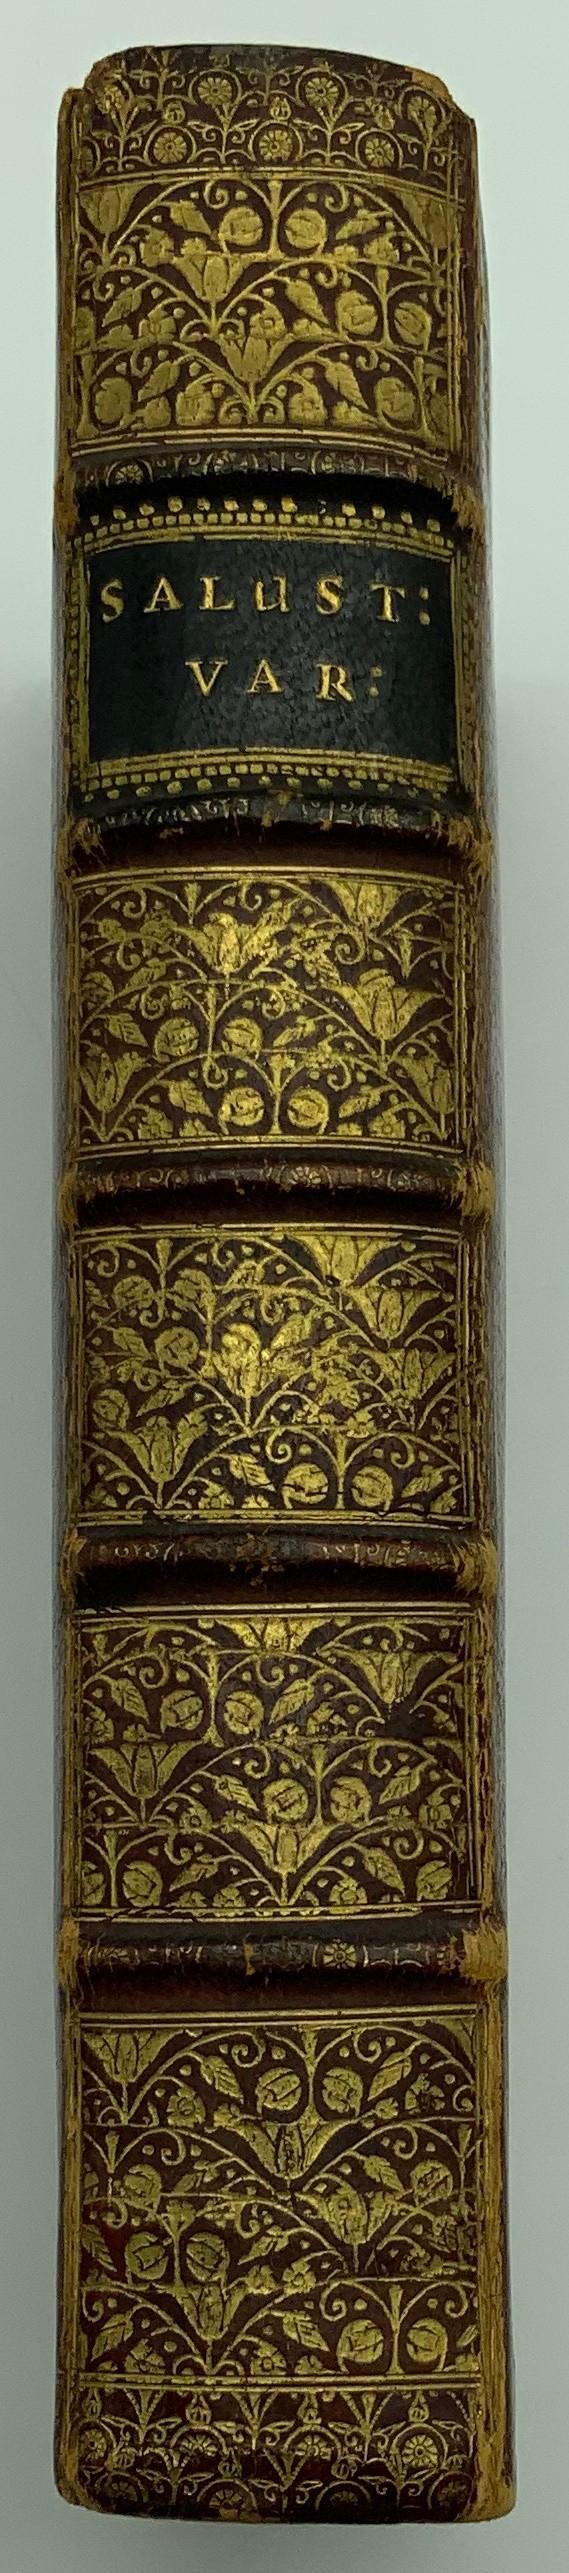 1690 C. CRISPI - SALULUSTII - Image 6 of 6